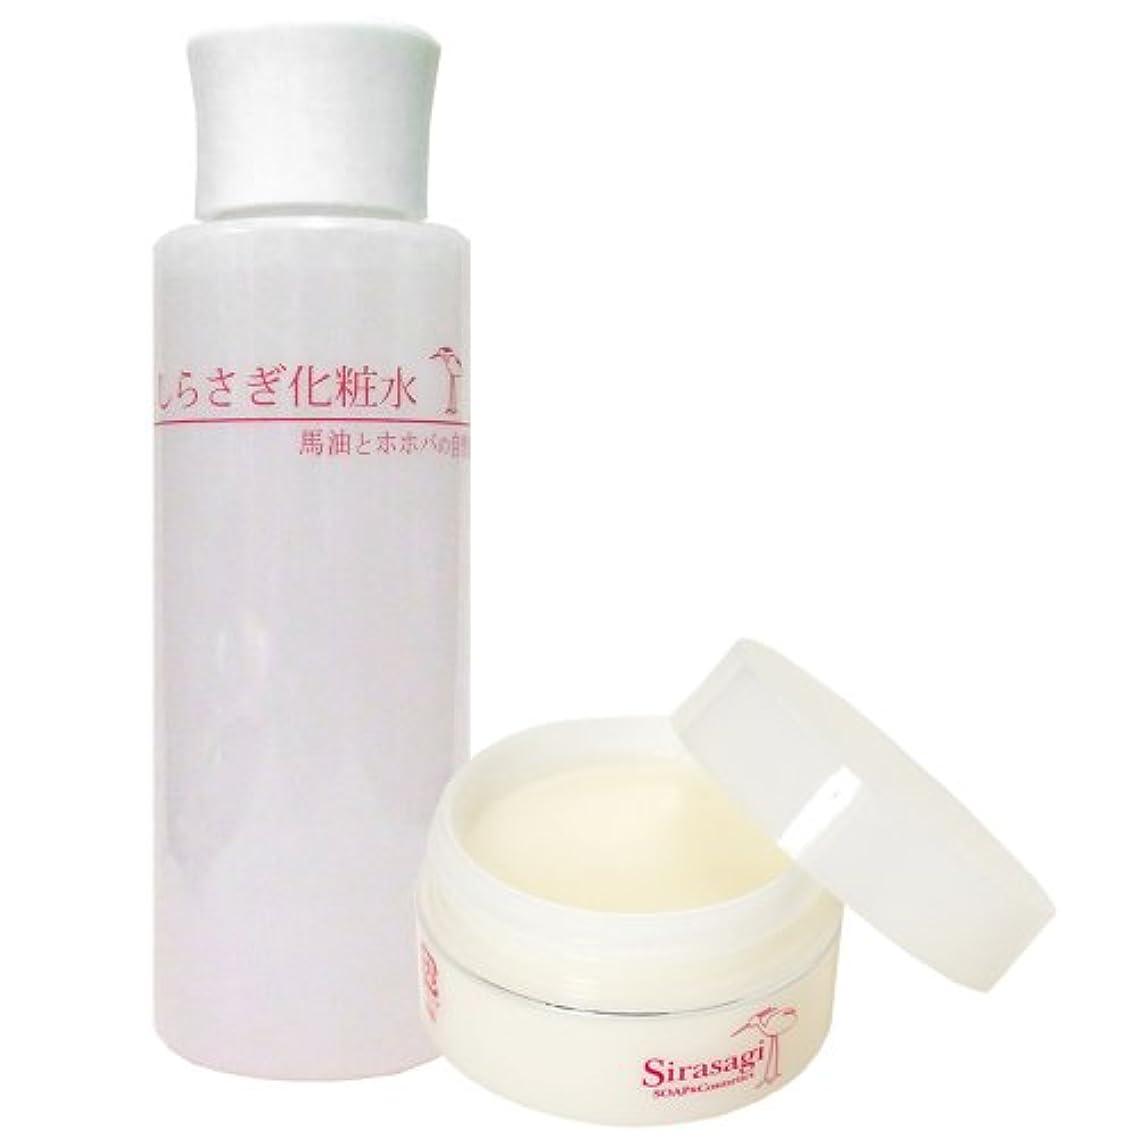 癌教えるインデックスしらさぎクリーム(無香料)としらさぎ化粧水のセット